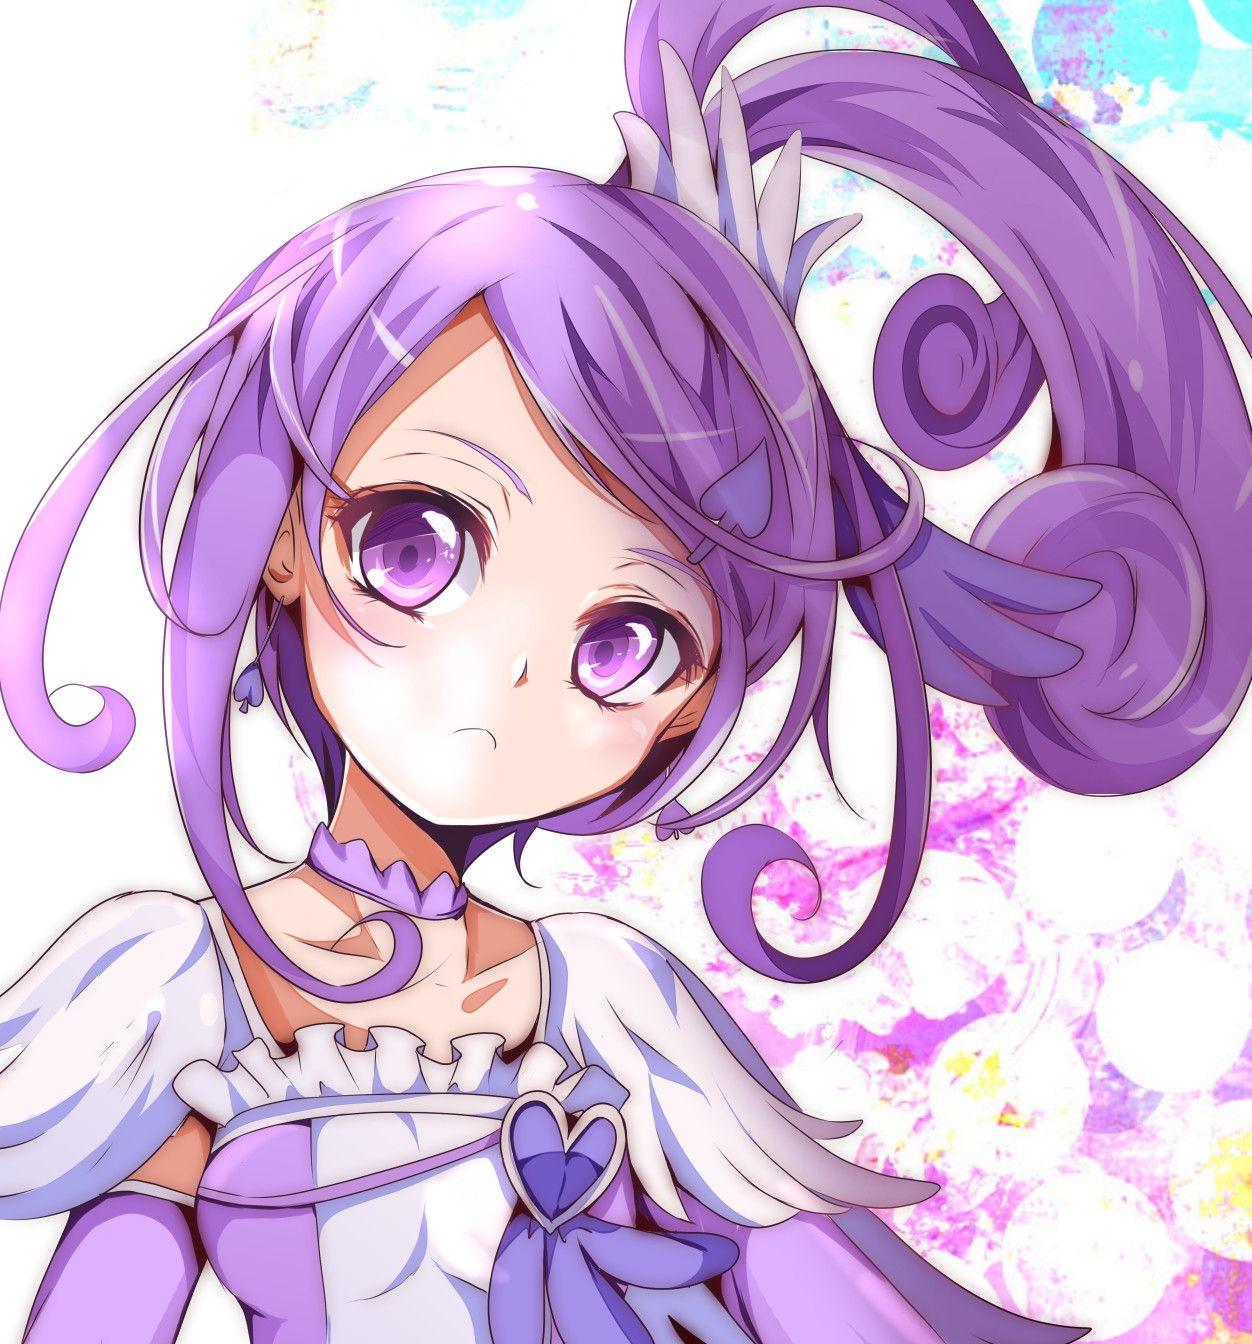 Épinglé par Florya sur DokiDoki ! Precure (ドキドキ!プリキュア